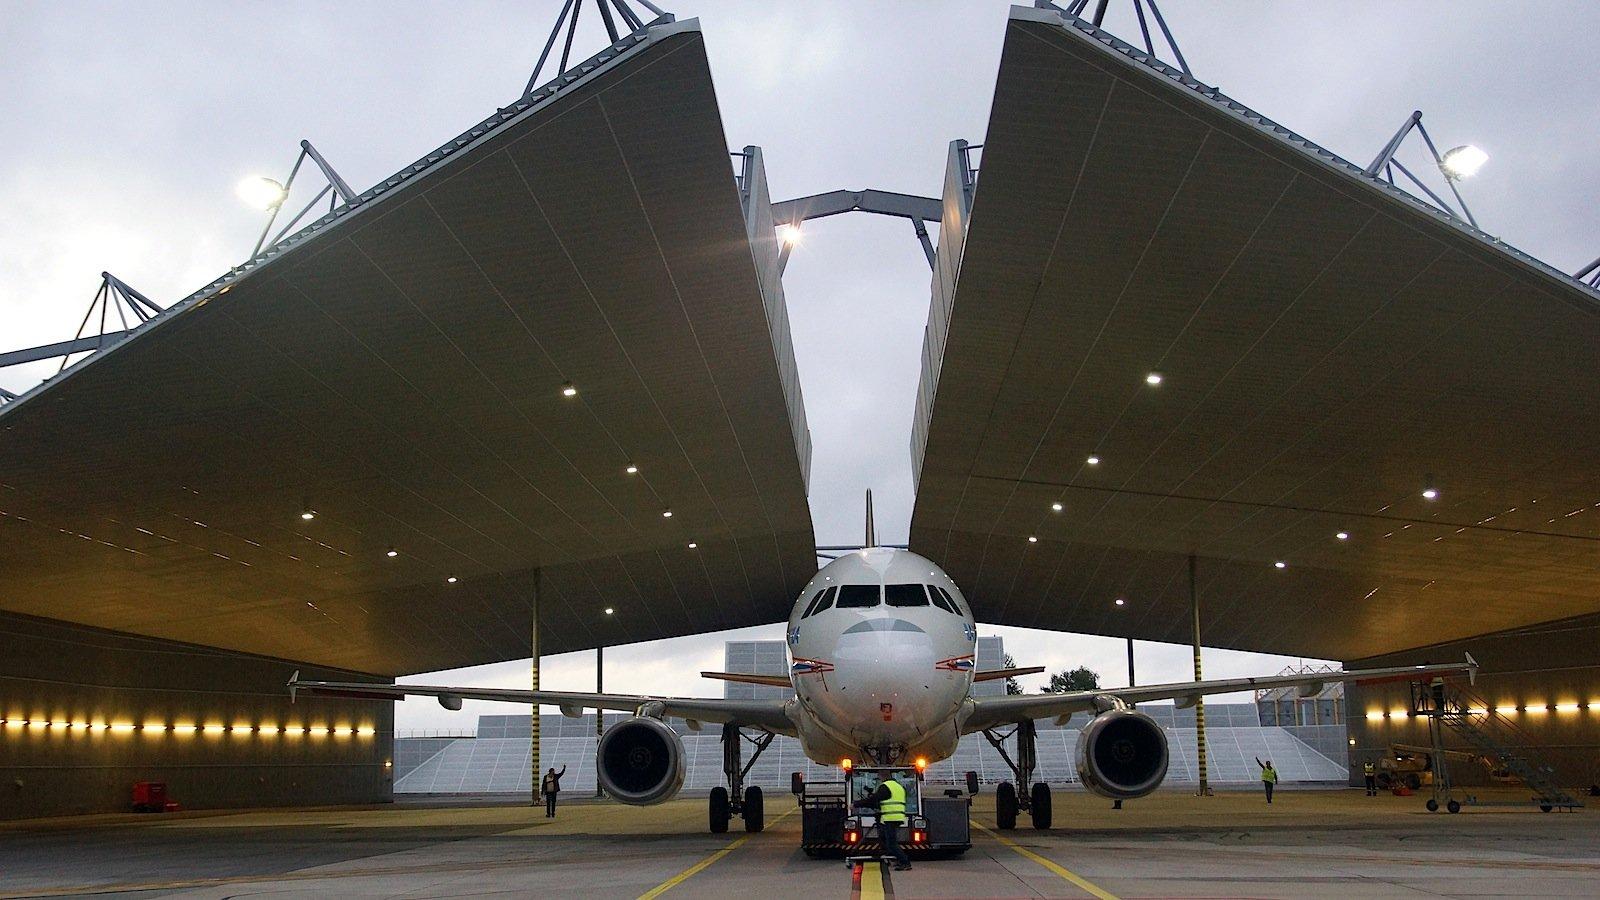 Laufende Triebwerke im Stand: Für die Messkampagne des Projekts Samurai nutzen die Lärmforscher eine Lärmschutzhalle der Lufthansa. Untersucht wird das DLR-Forschungsflugzeug A320-ATRA.